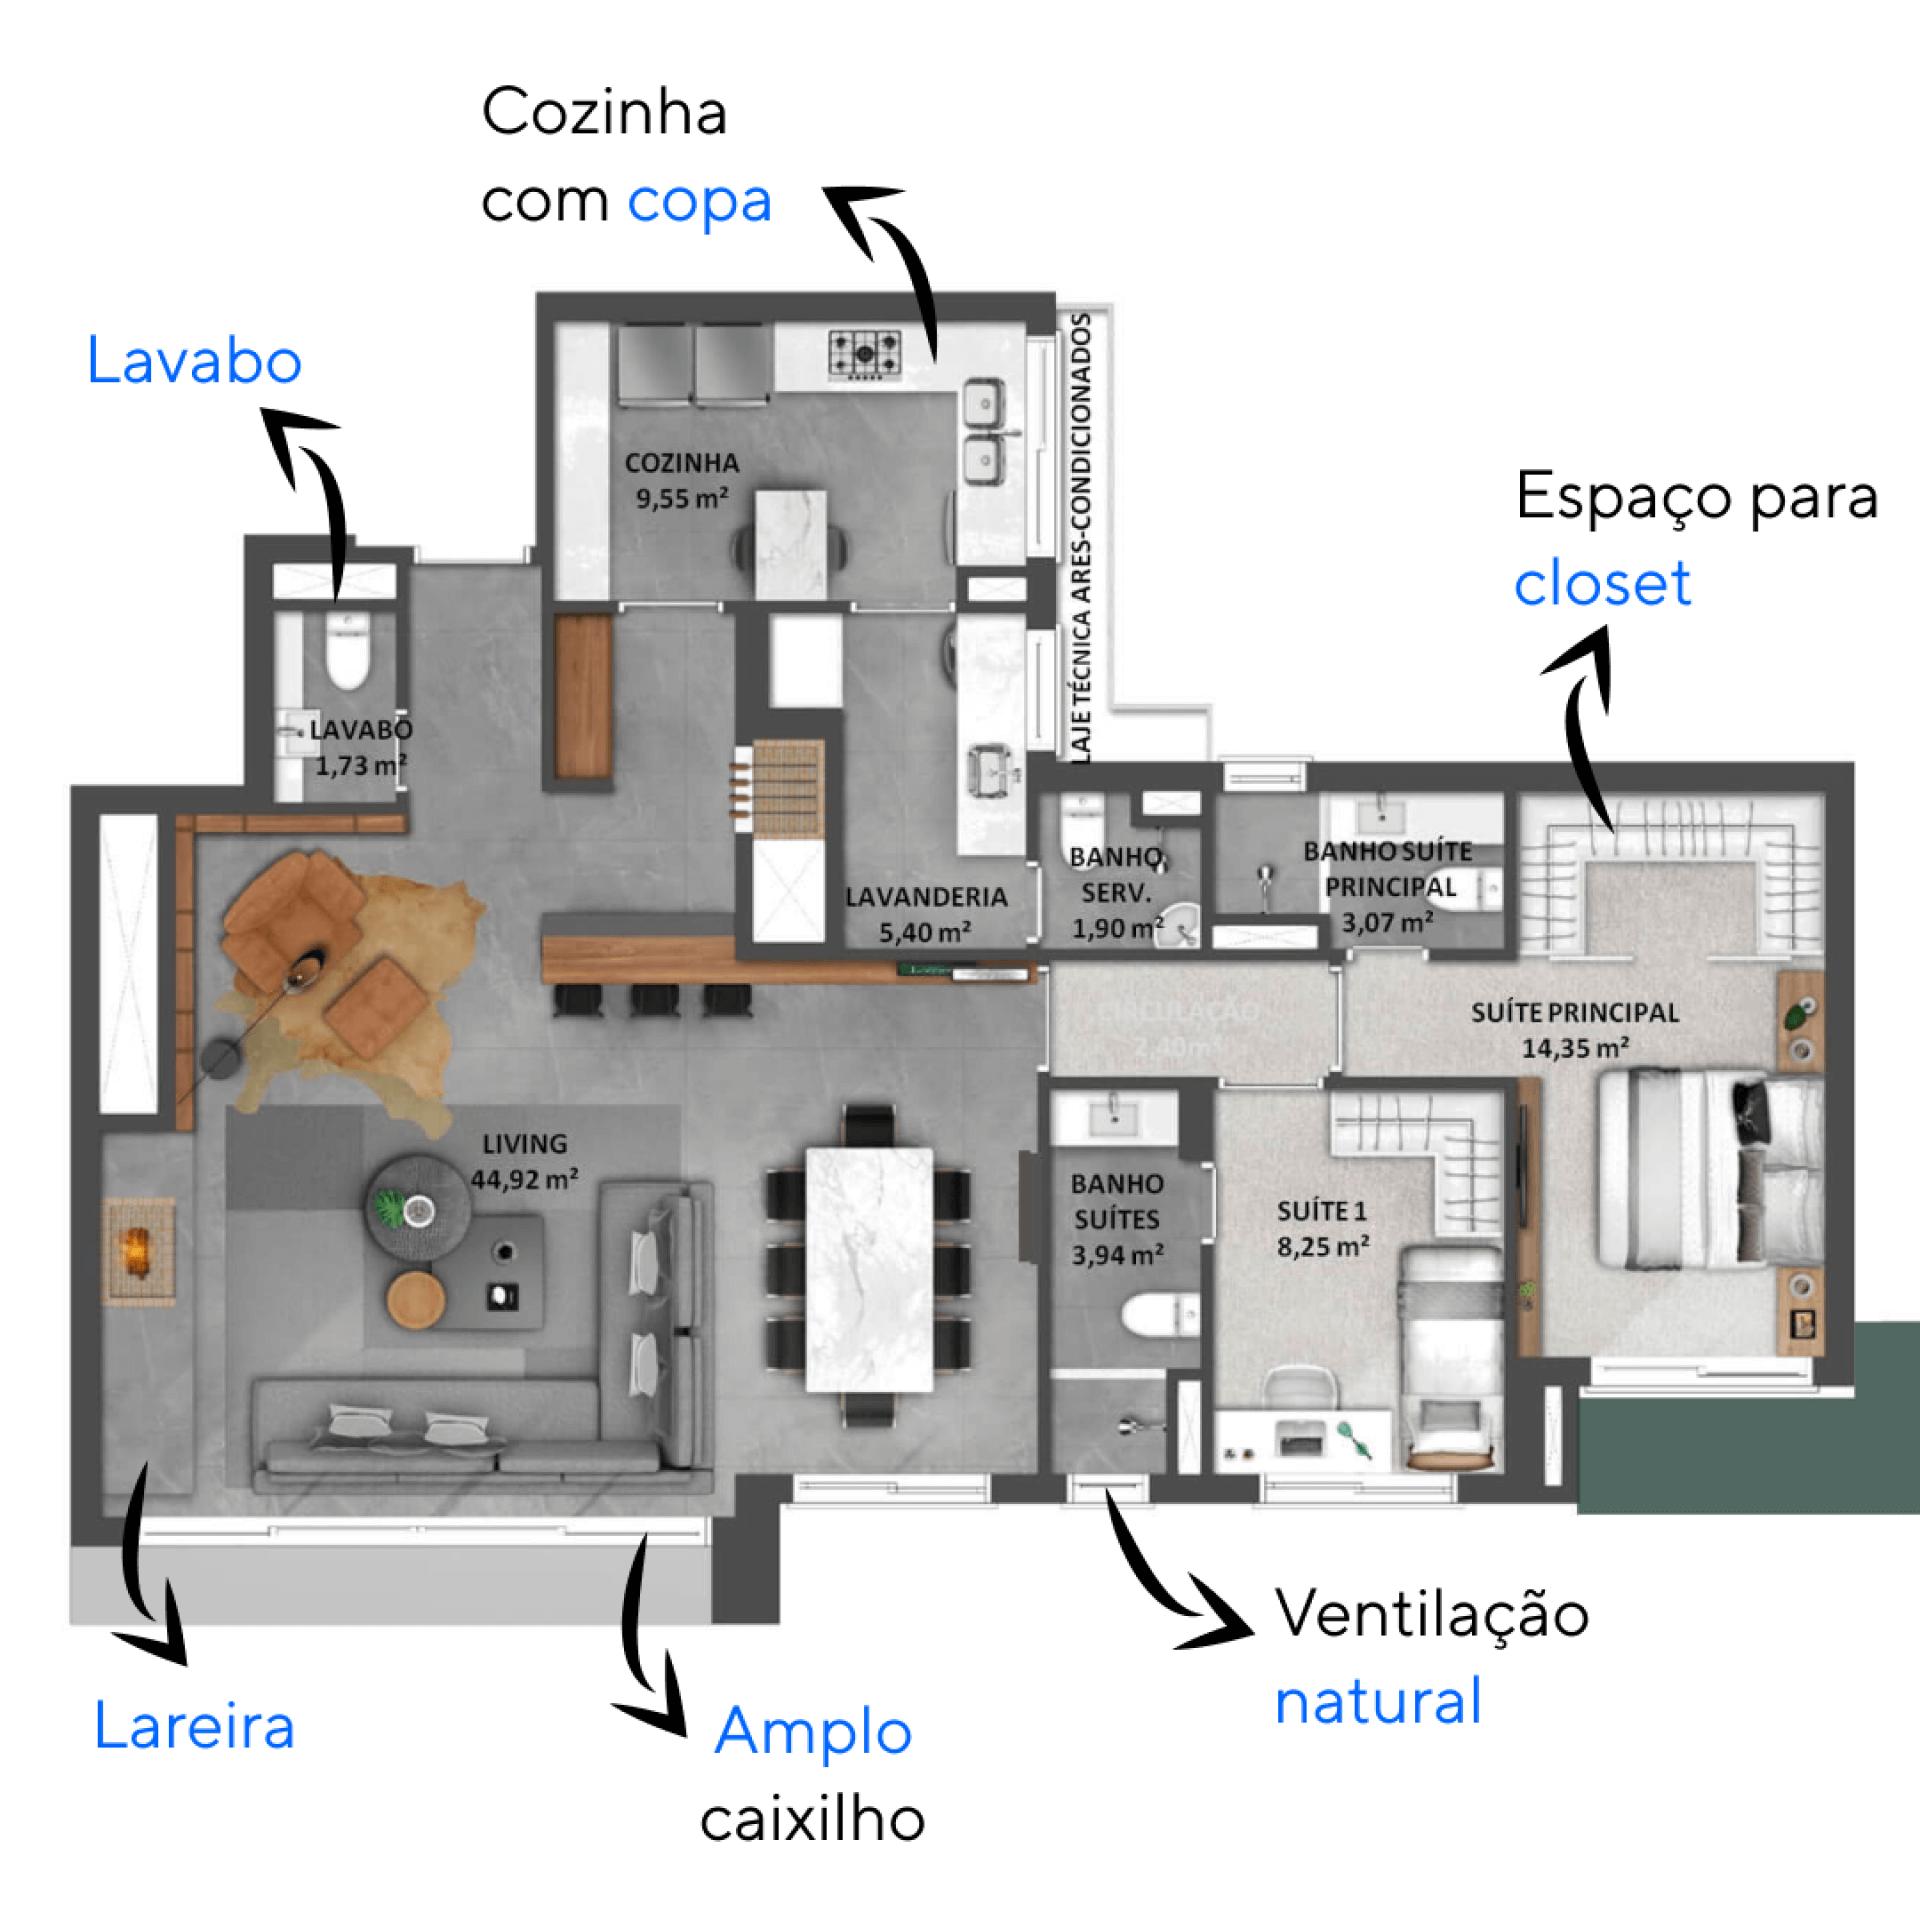 119 M² - 2 SUÍTES. Apartamentos do High Garden com living estendido que sozinho soma mais de 44 m², ótimo para receber amigos. Ampla lavanderia e cozinha, com generosas janelas e bem integrada à churrasqueira.